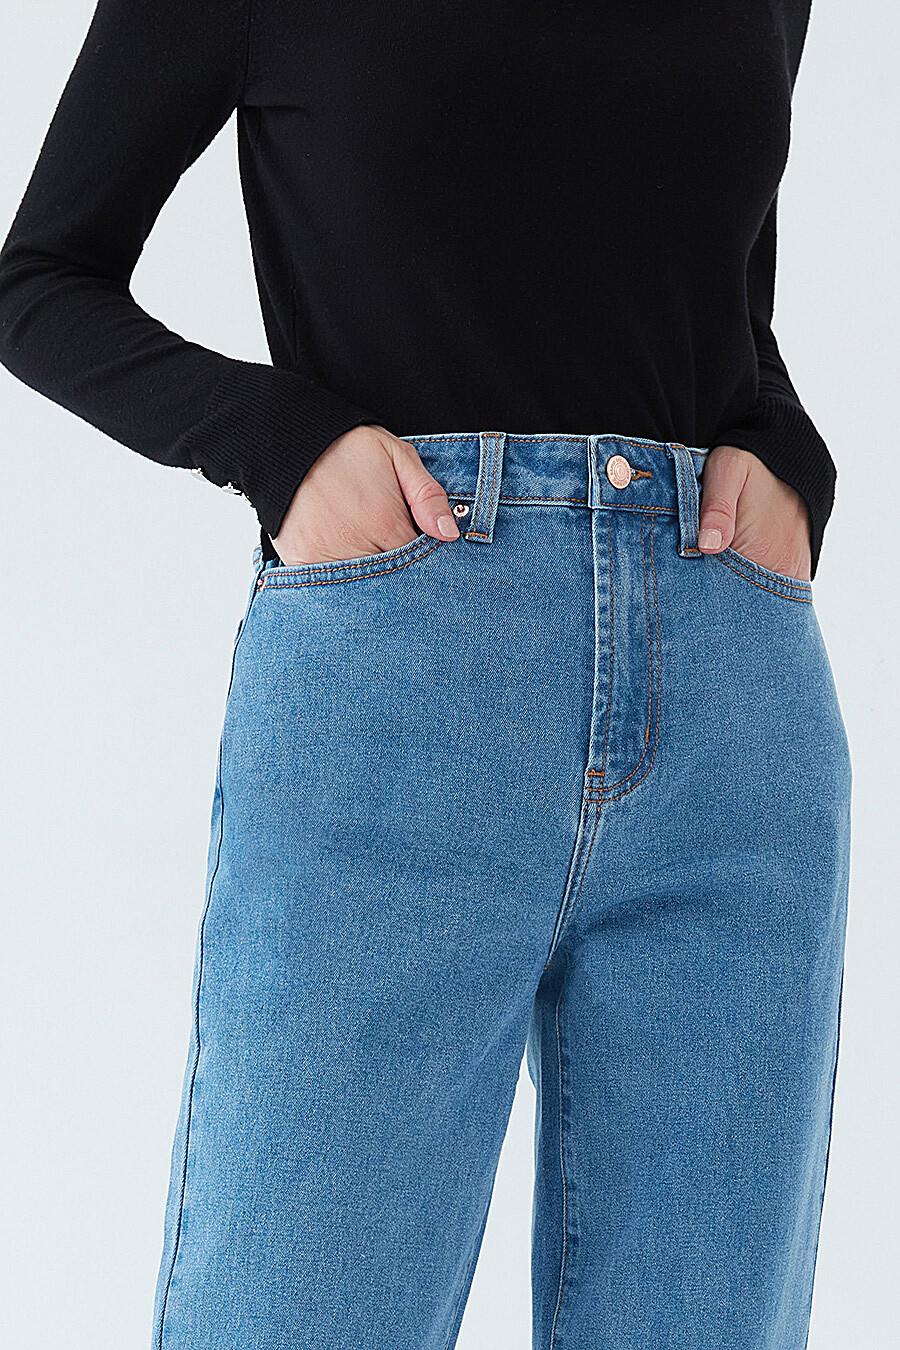 Джинсы для женщин ZARINA 289507 купить оптом от производителя. Совместная покупка женской одежды в OptMoyo